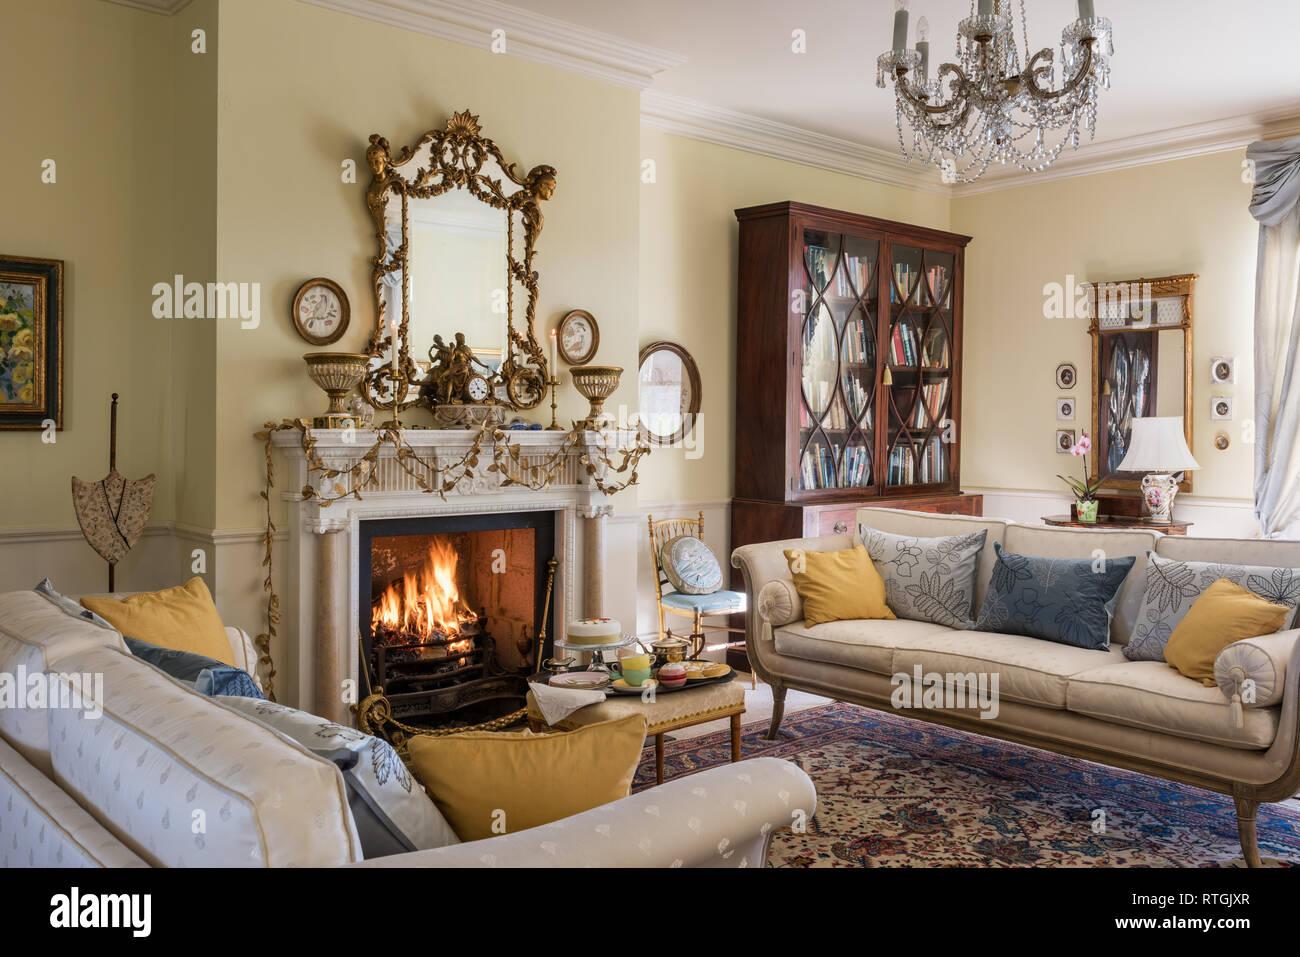 Tappeto orientale con stile regency divani e foglia oro ...